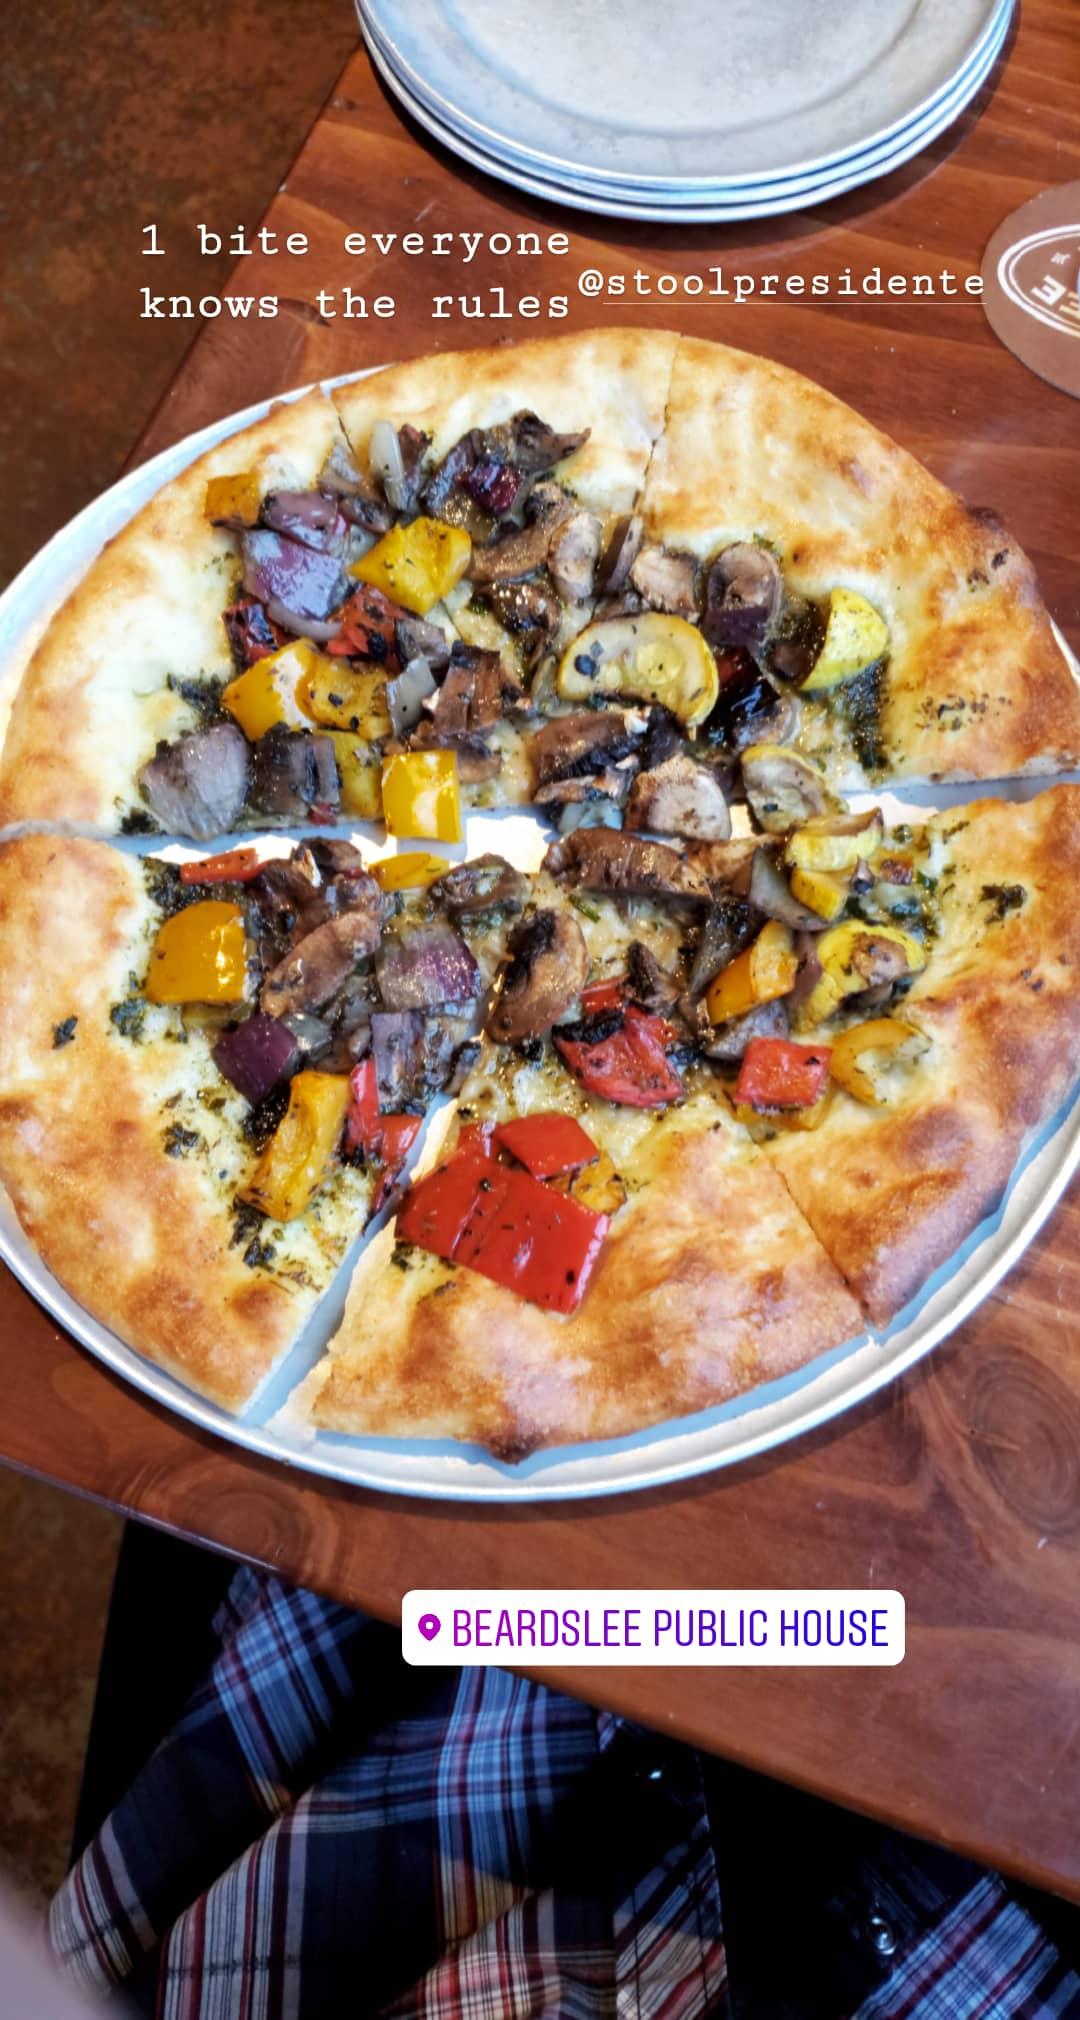 ivan.vera on One Bite Pizza App